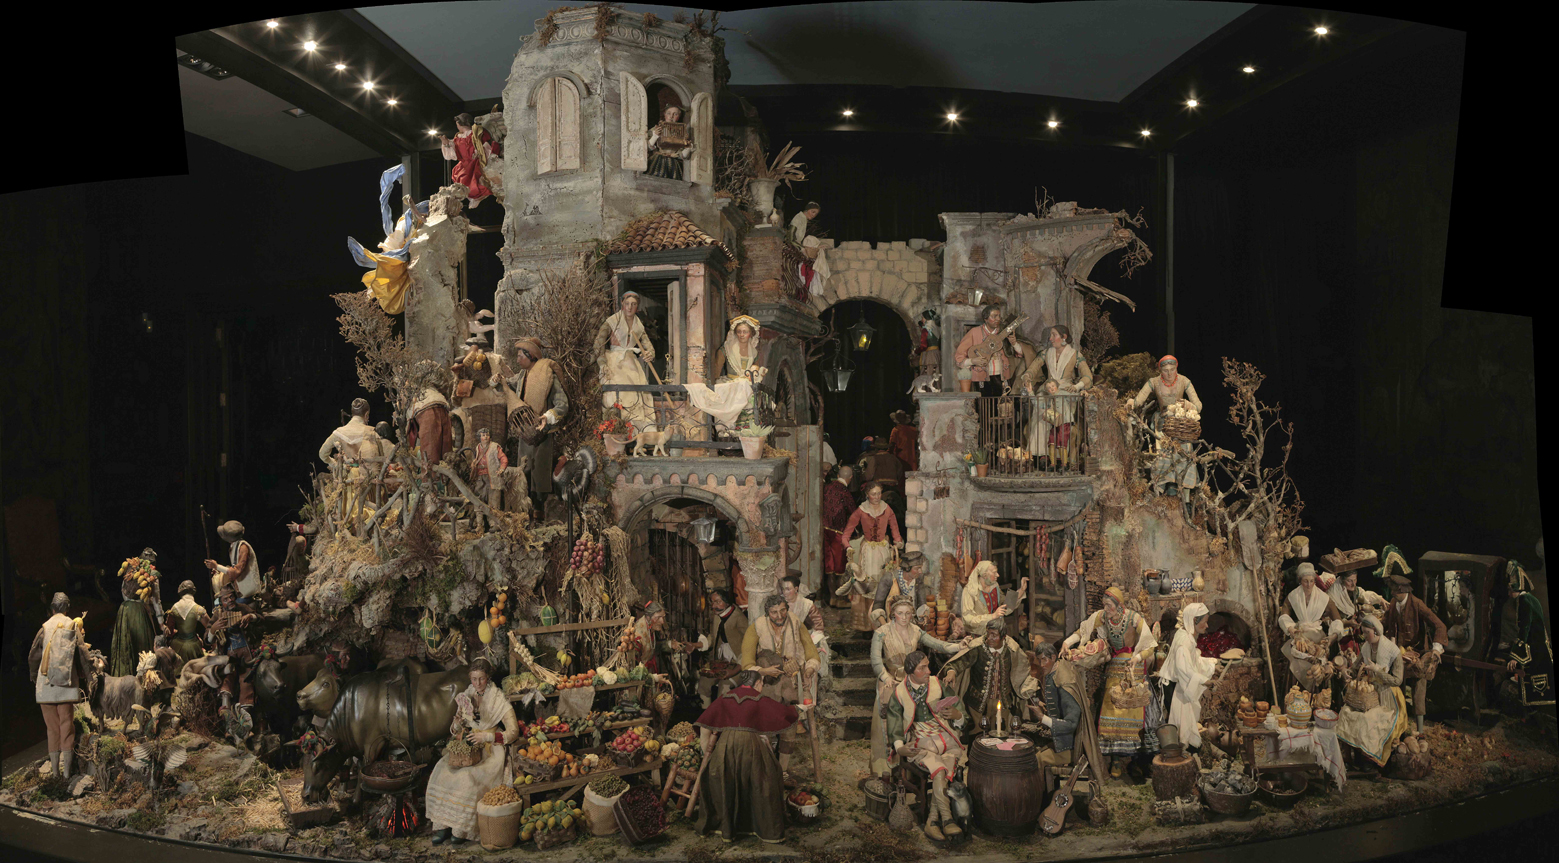 Ya ha llegado la navidad el bel n napolitano de los - Figuritas para el belen ...